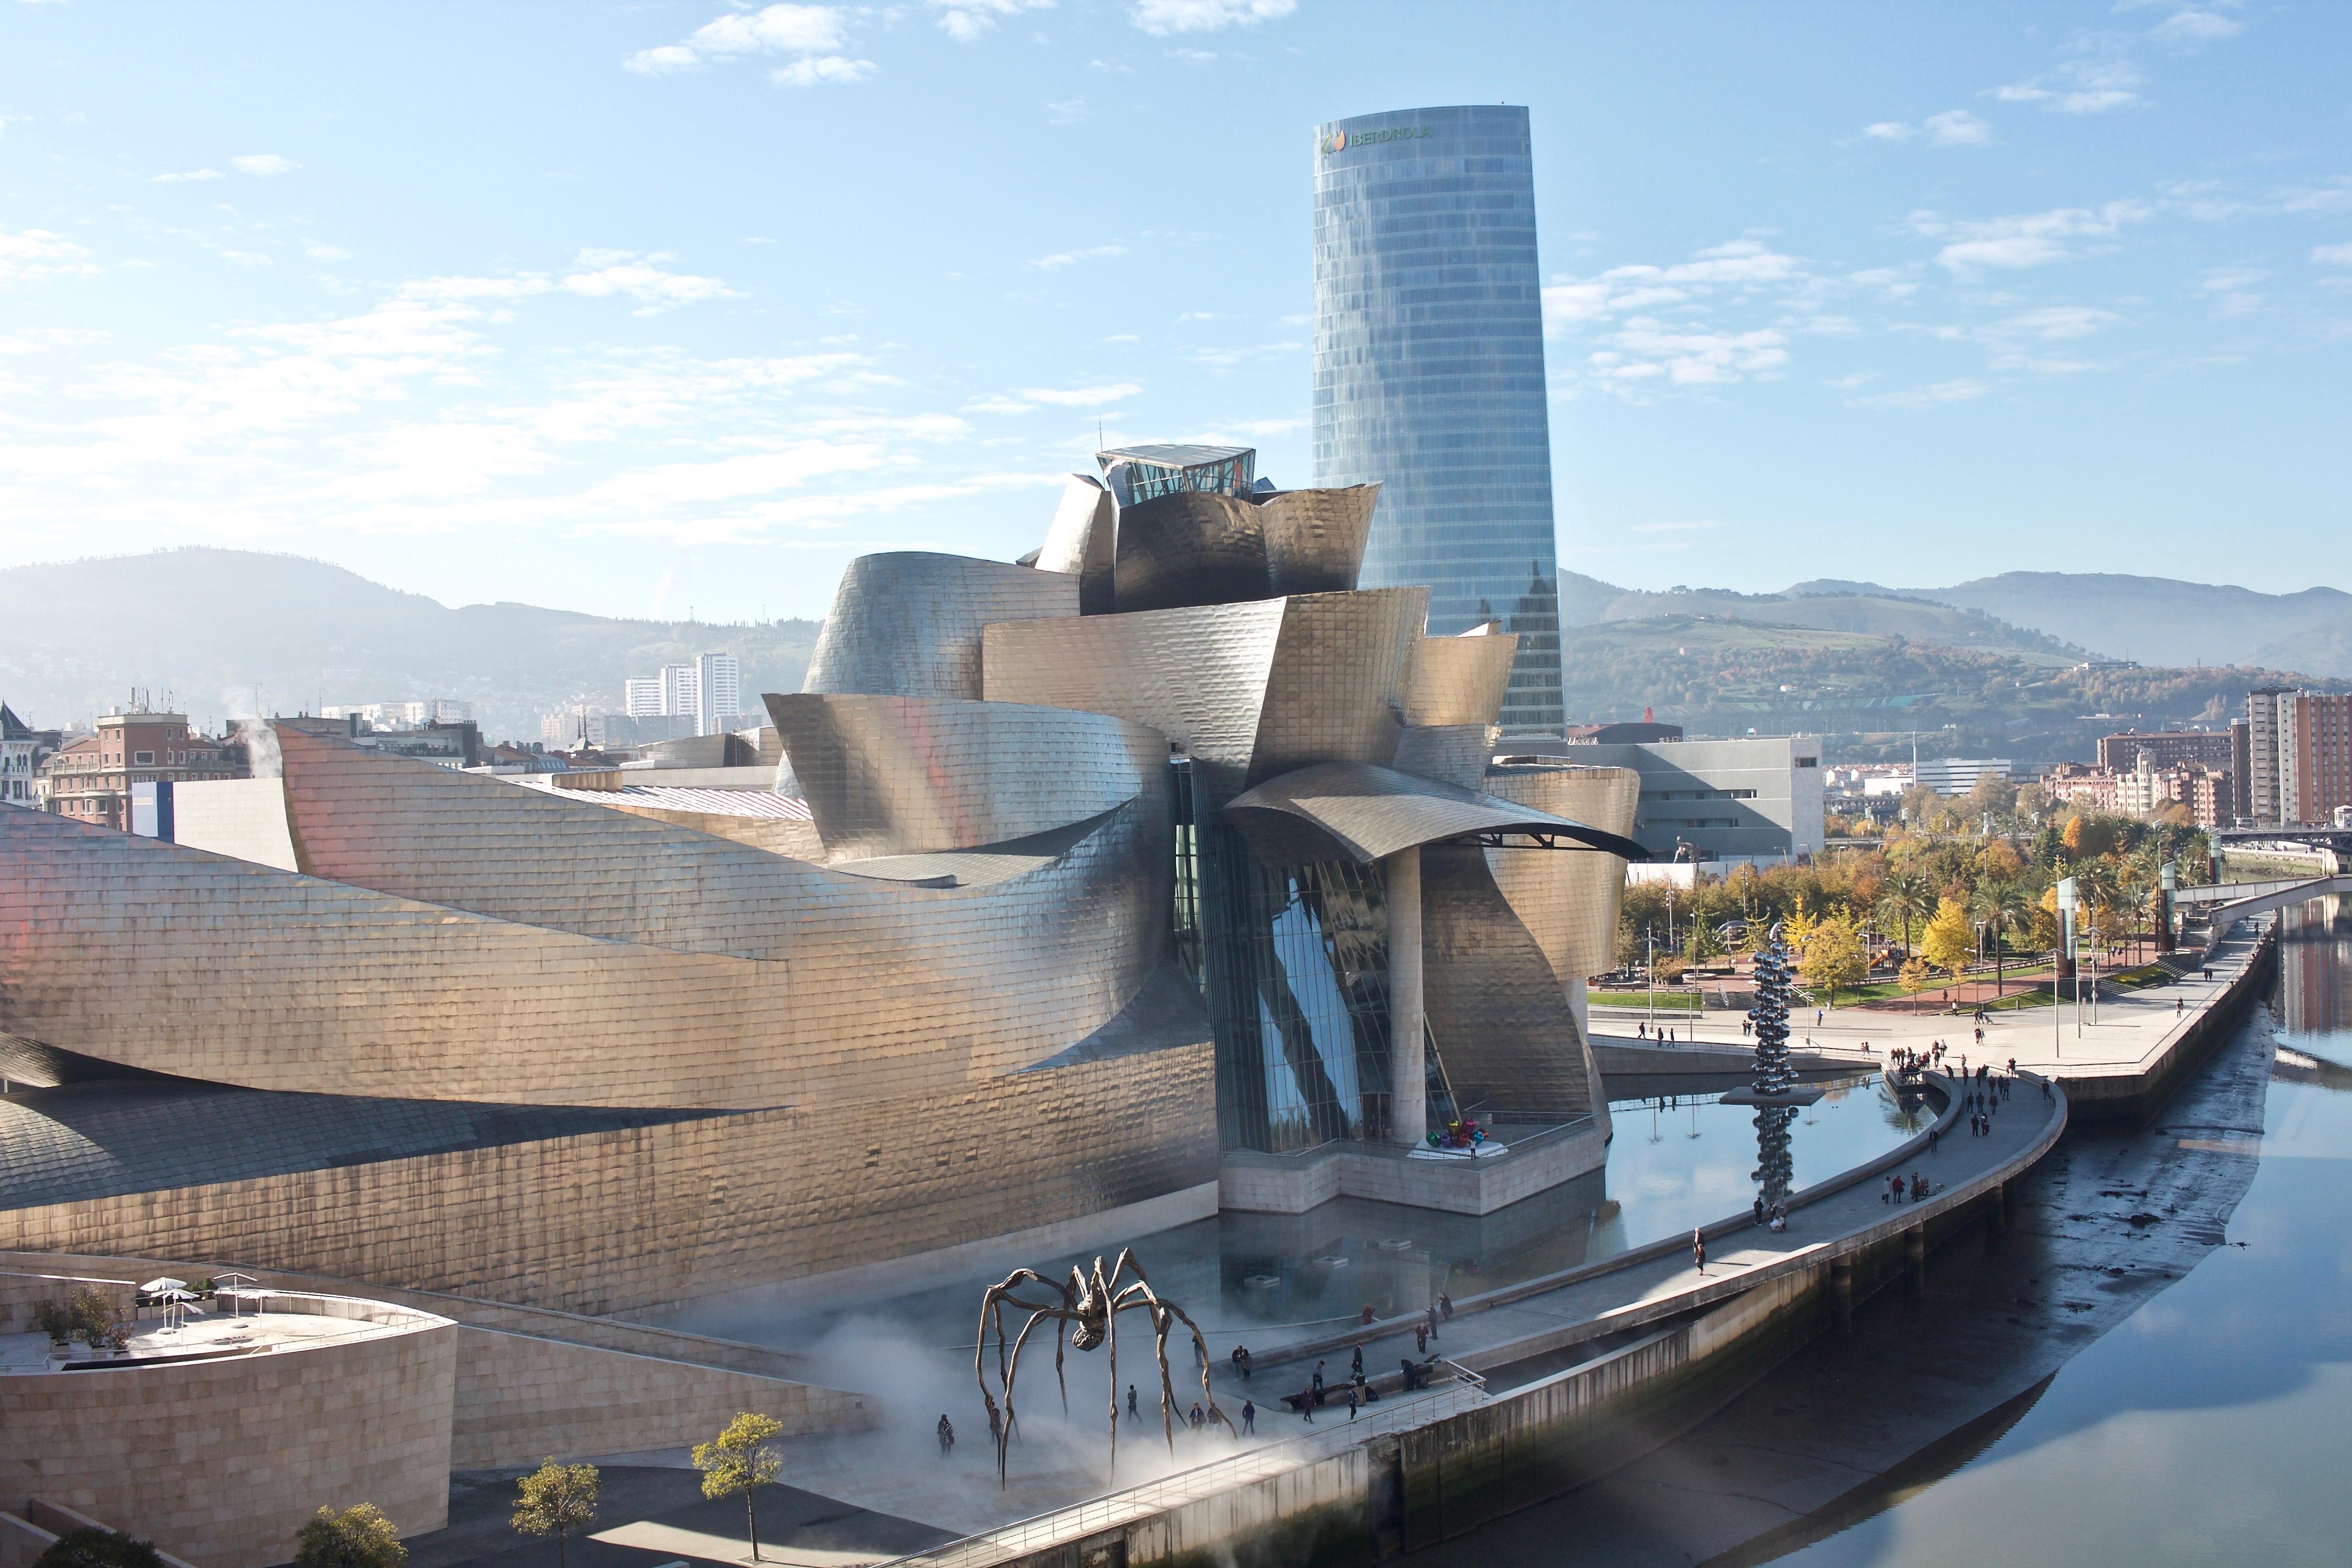 File:Museo Guggenheim, Bilbao (31273245344).jpg - Wikimedia Commons